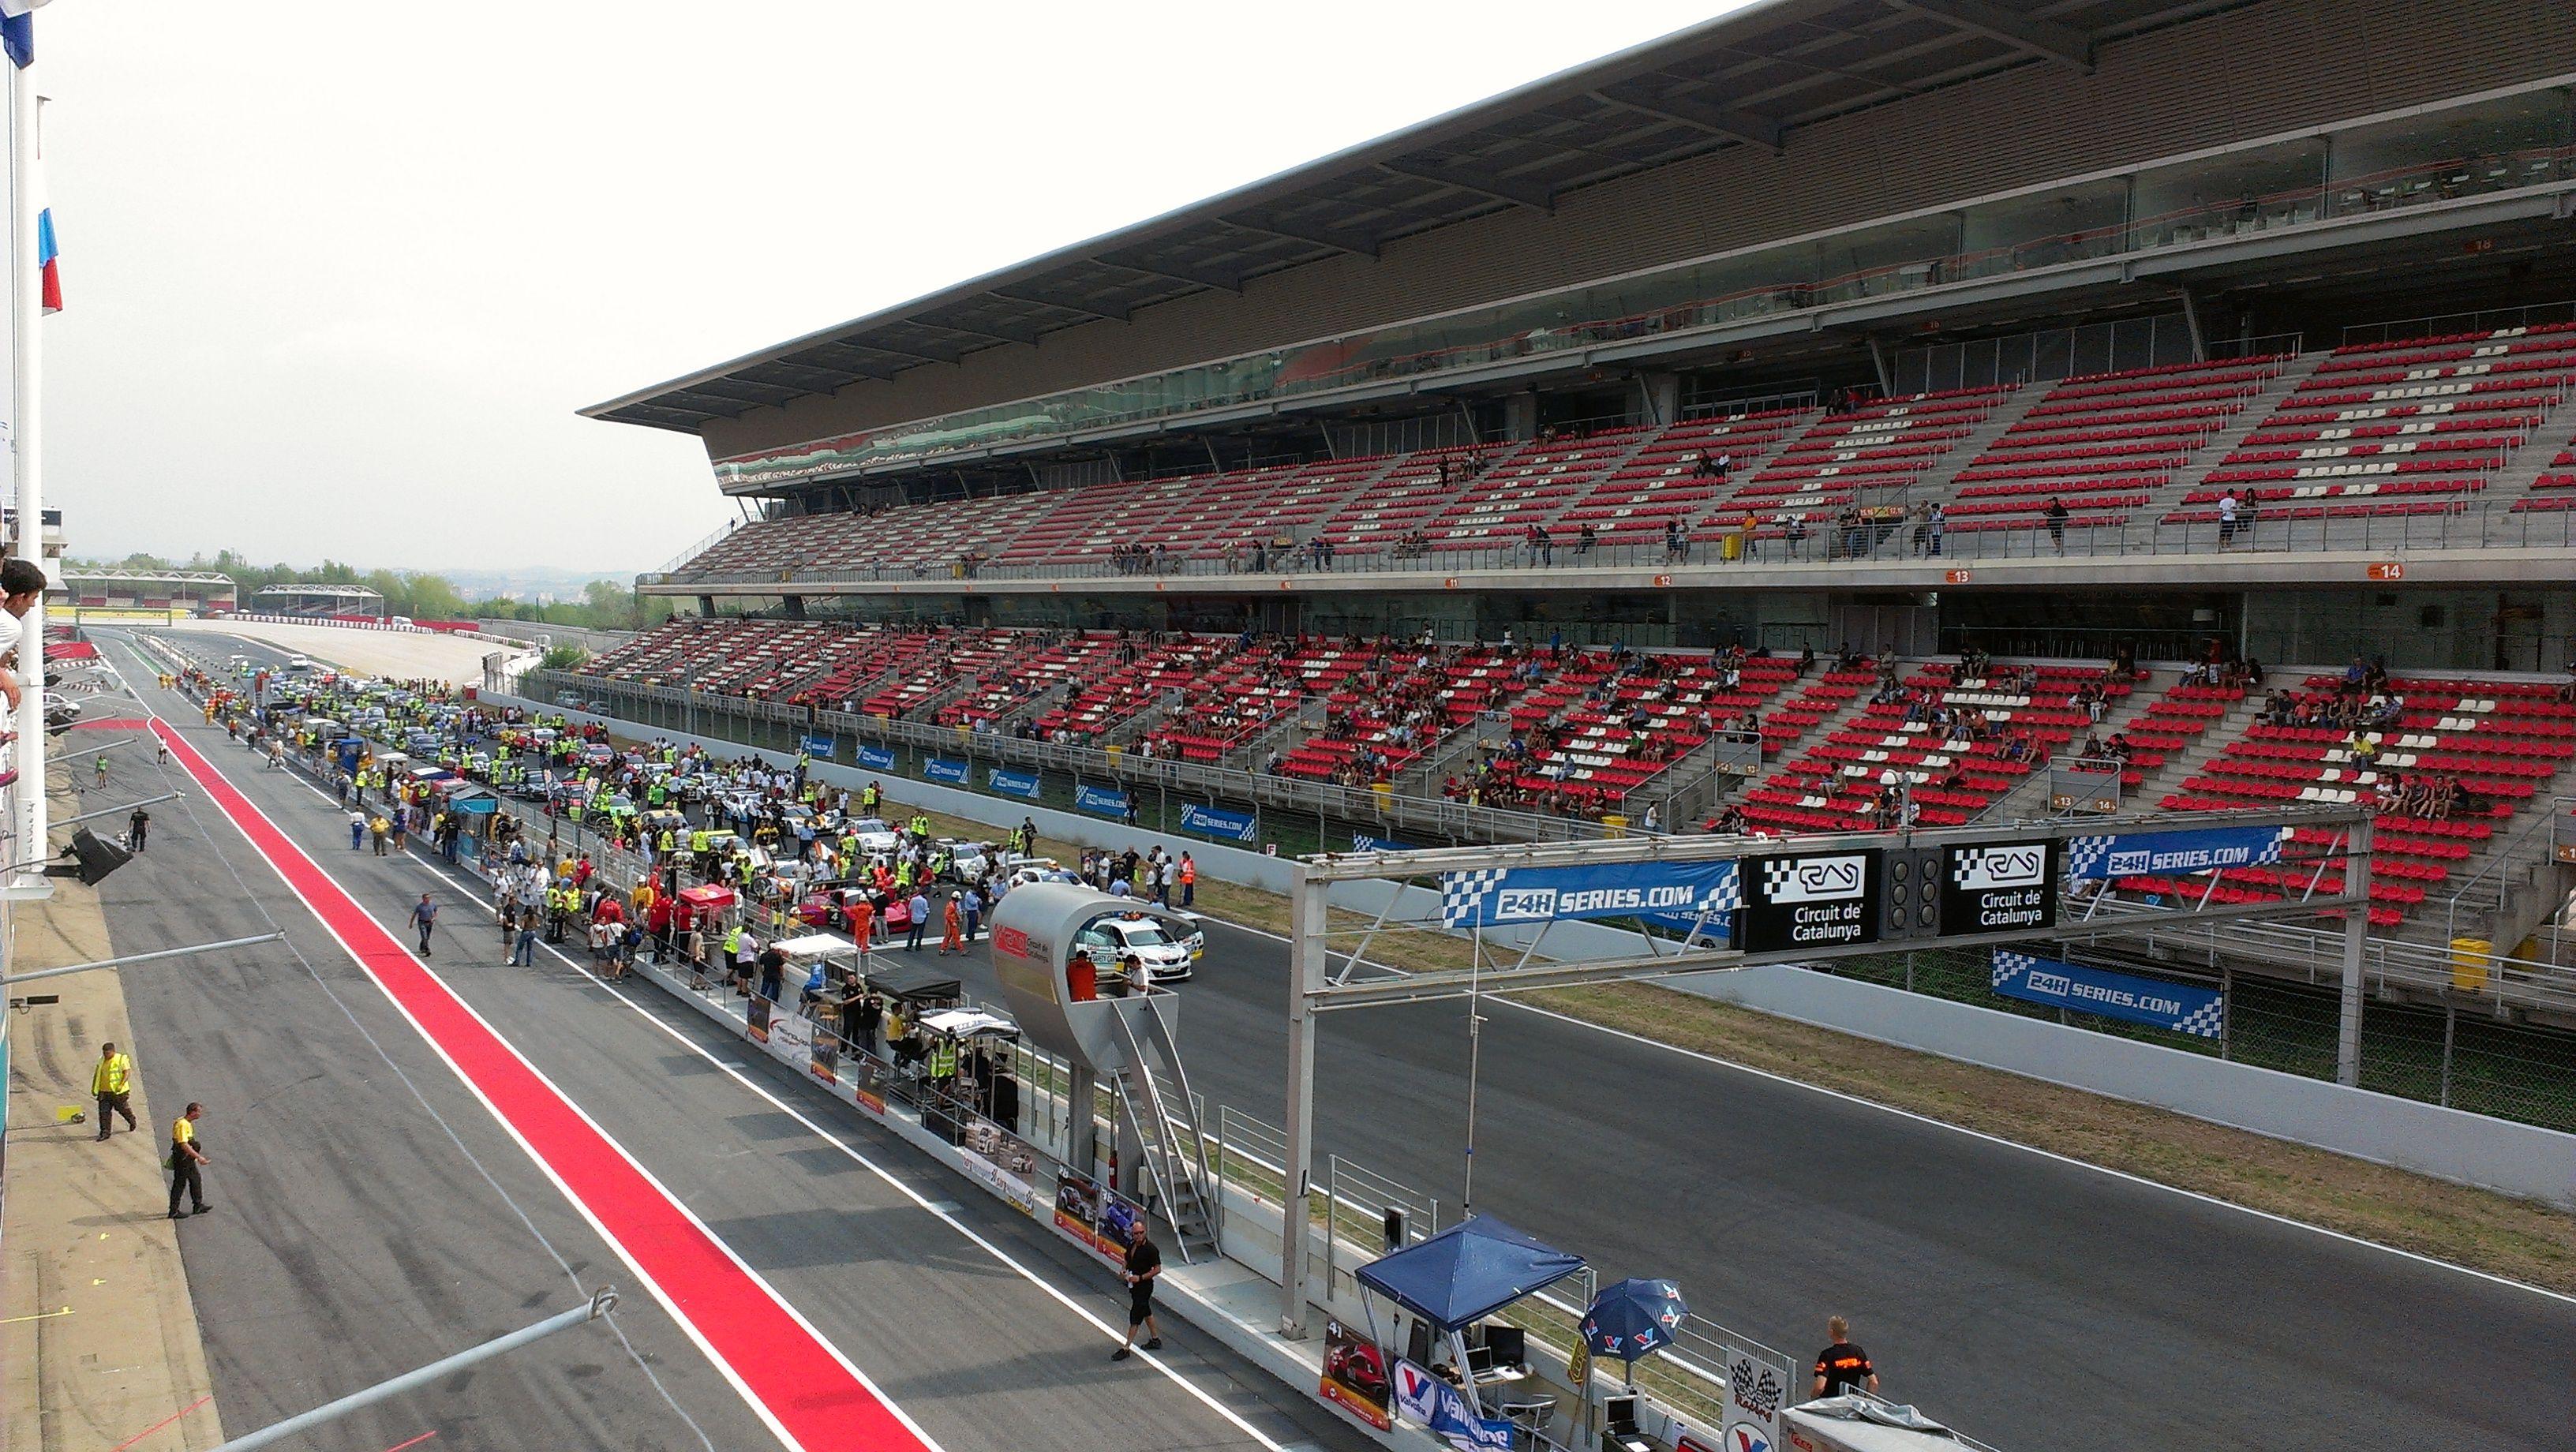 Circuito Montmelo : Circuitcat hbarcelona coches circuito montmeló hauto